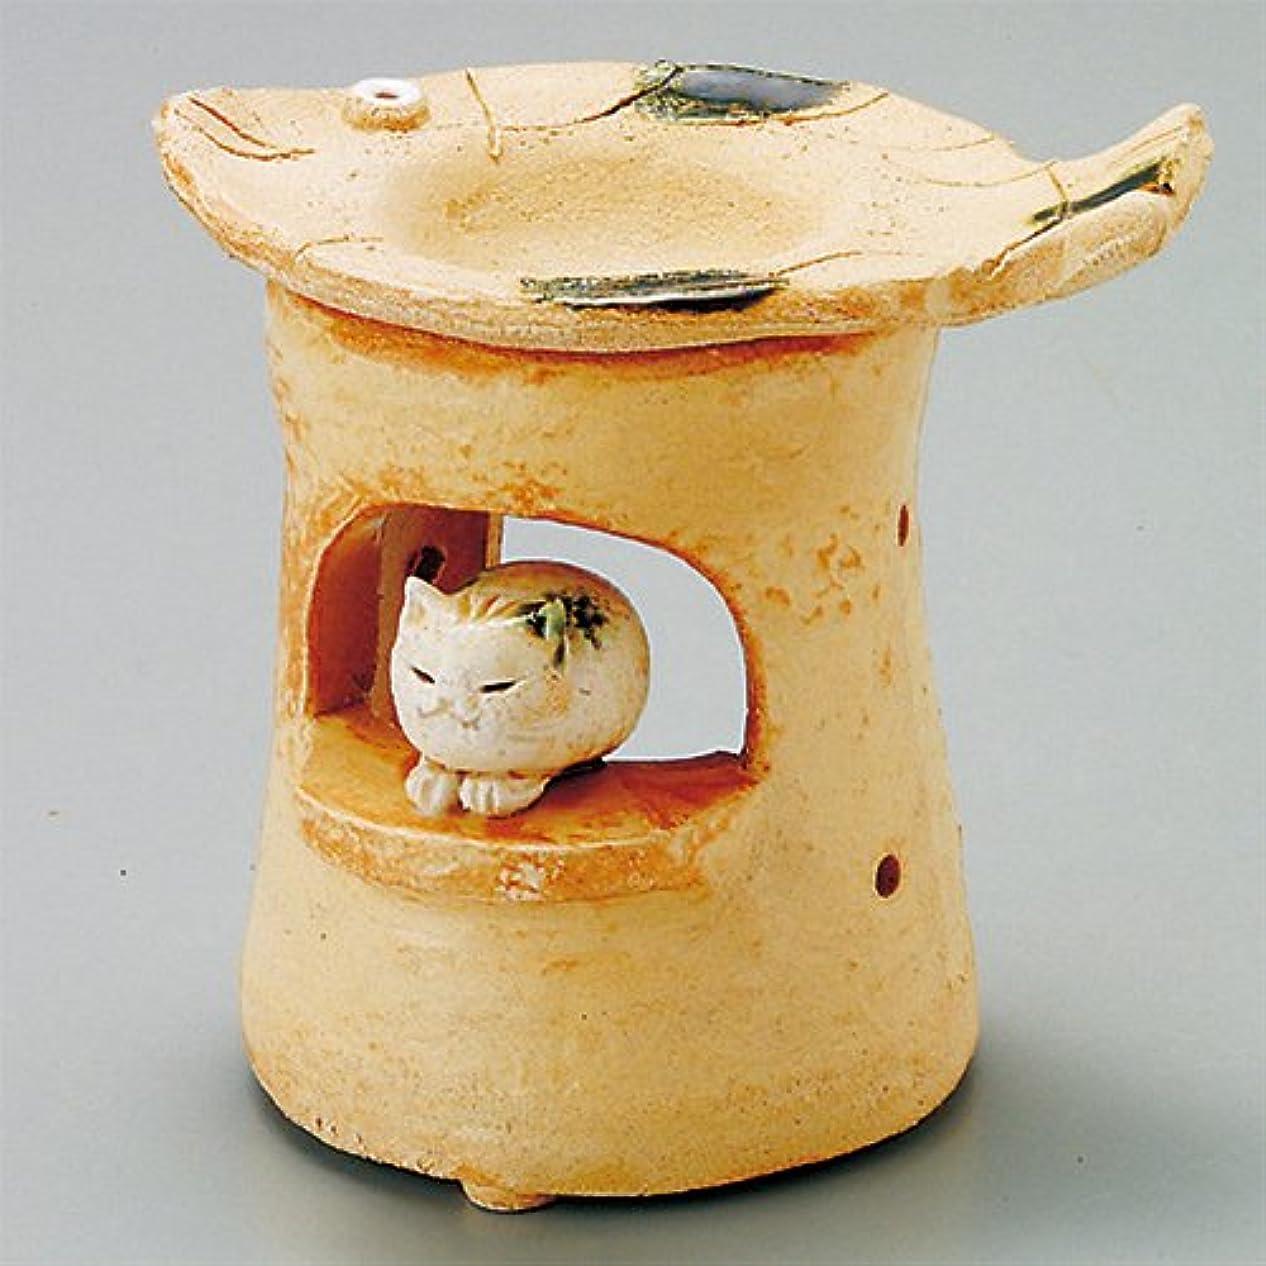 出撃者牧草地ゴシップ島ねこ 島ねこ 茶香炉 [12x8.5xH11.5cm] HANDMADE プレゼント ギフト 和食器 かわいい インテリア